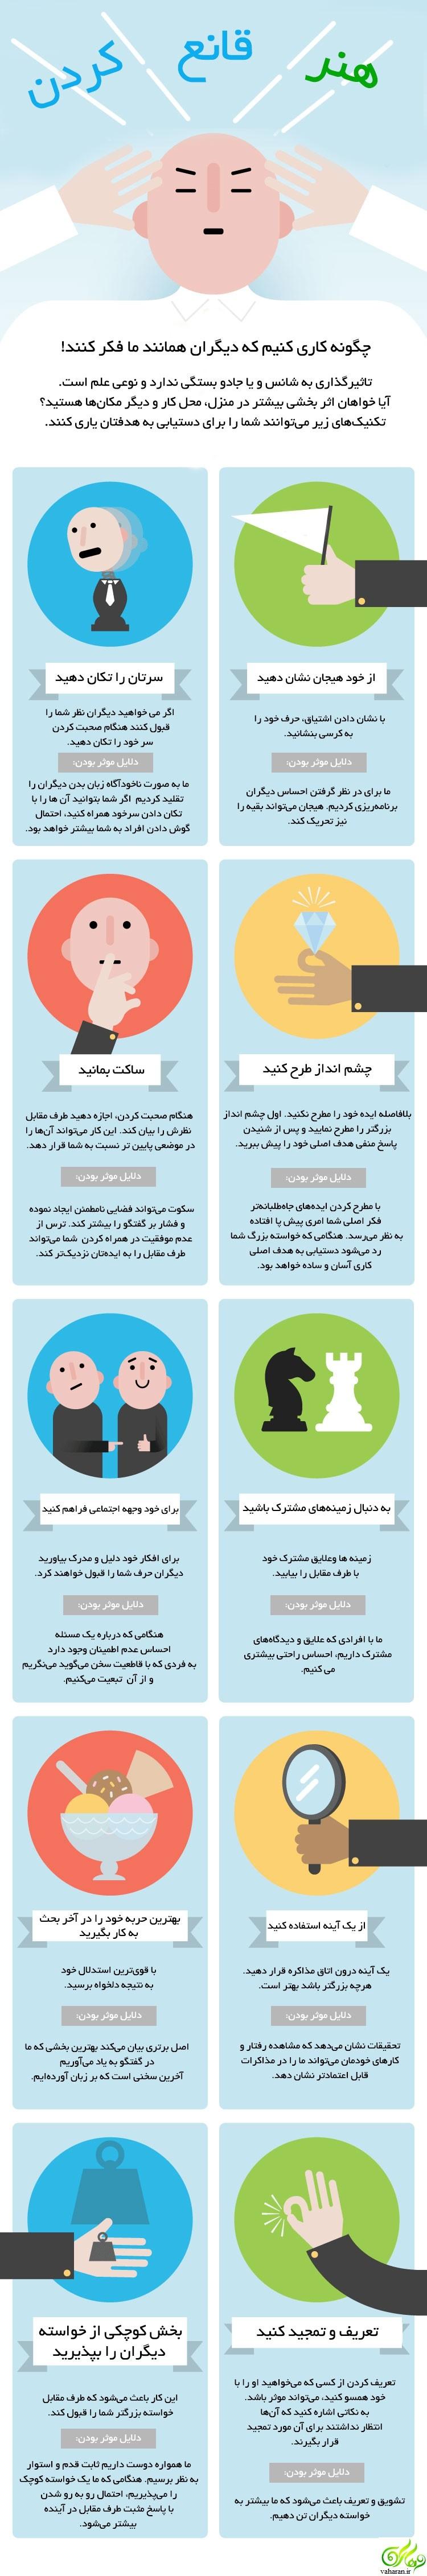 10 گام اساسی برای قانع کردن دیگران